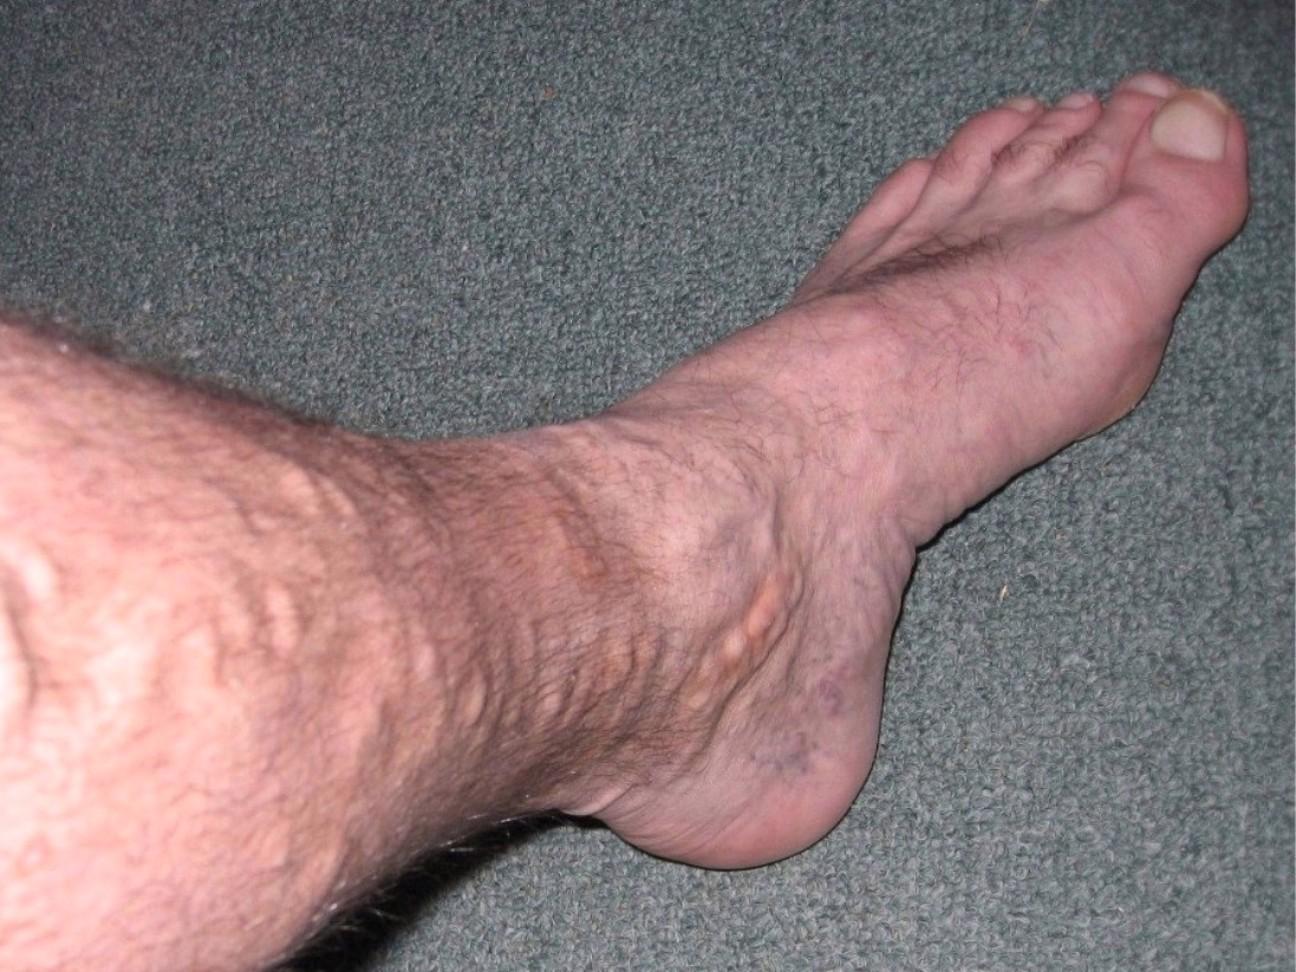 Varicose veins - Wikipedia